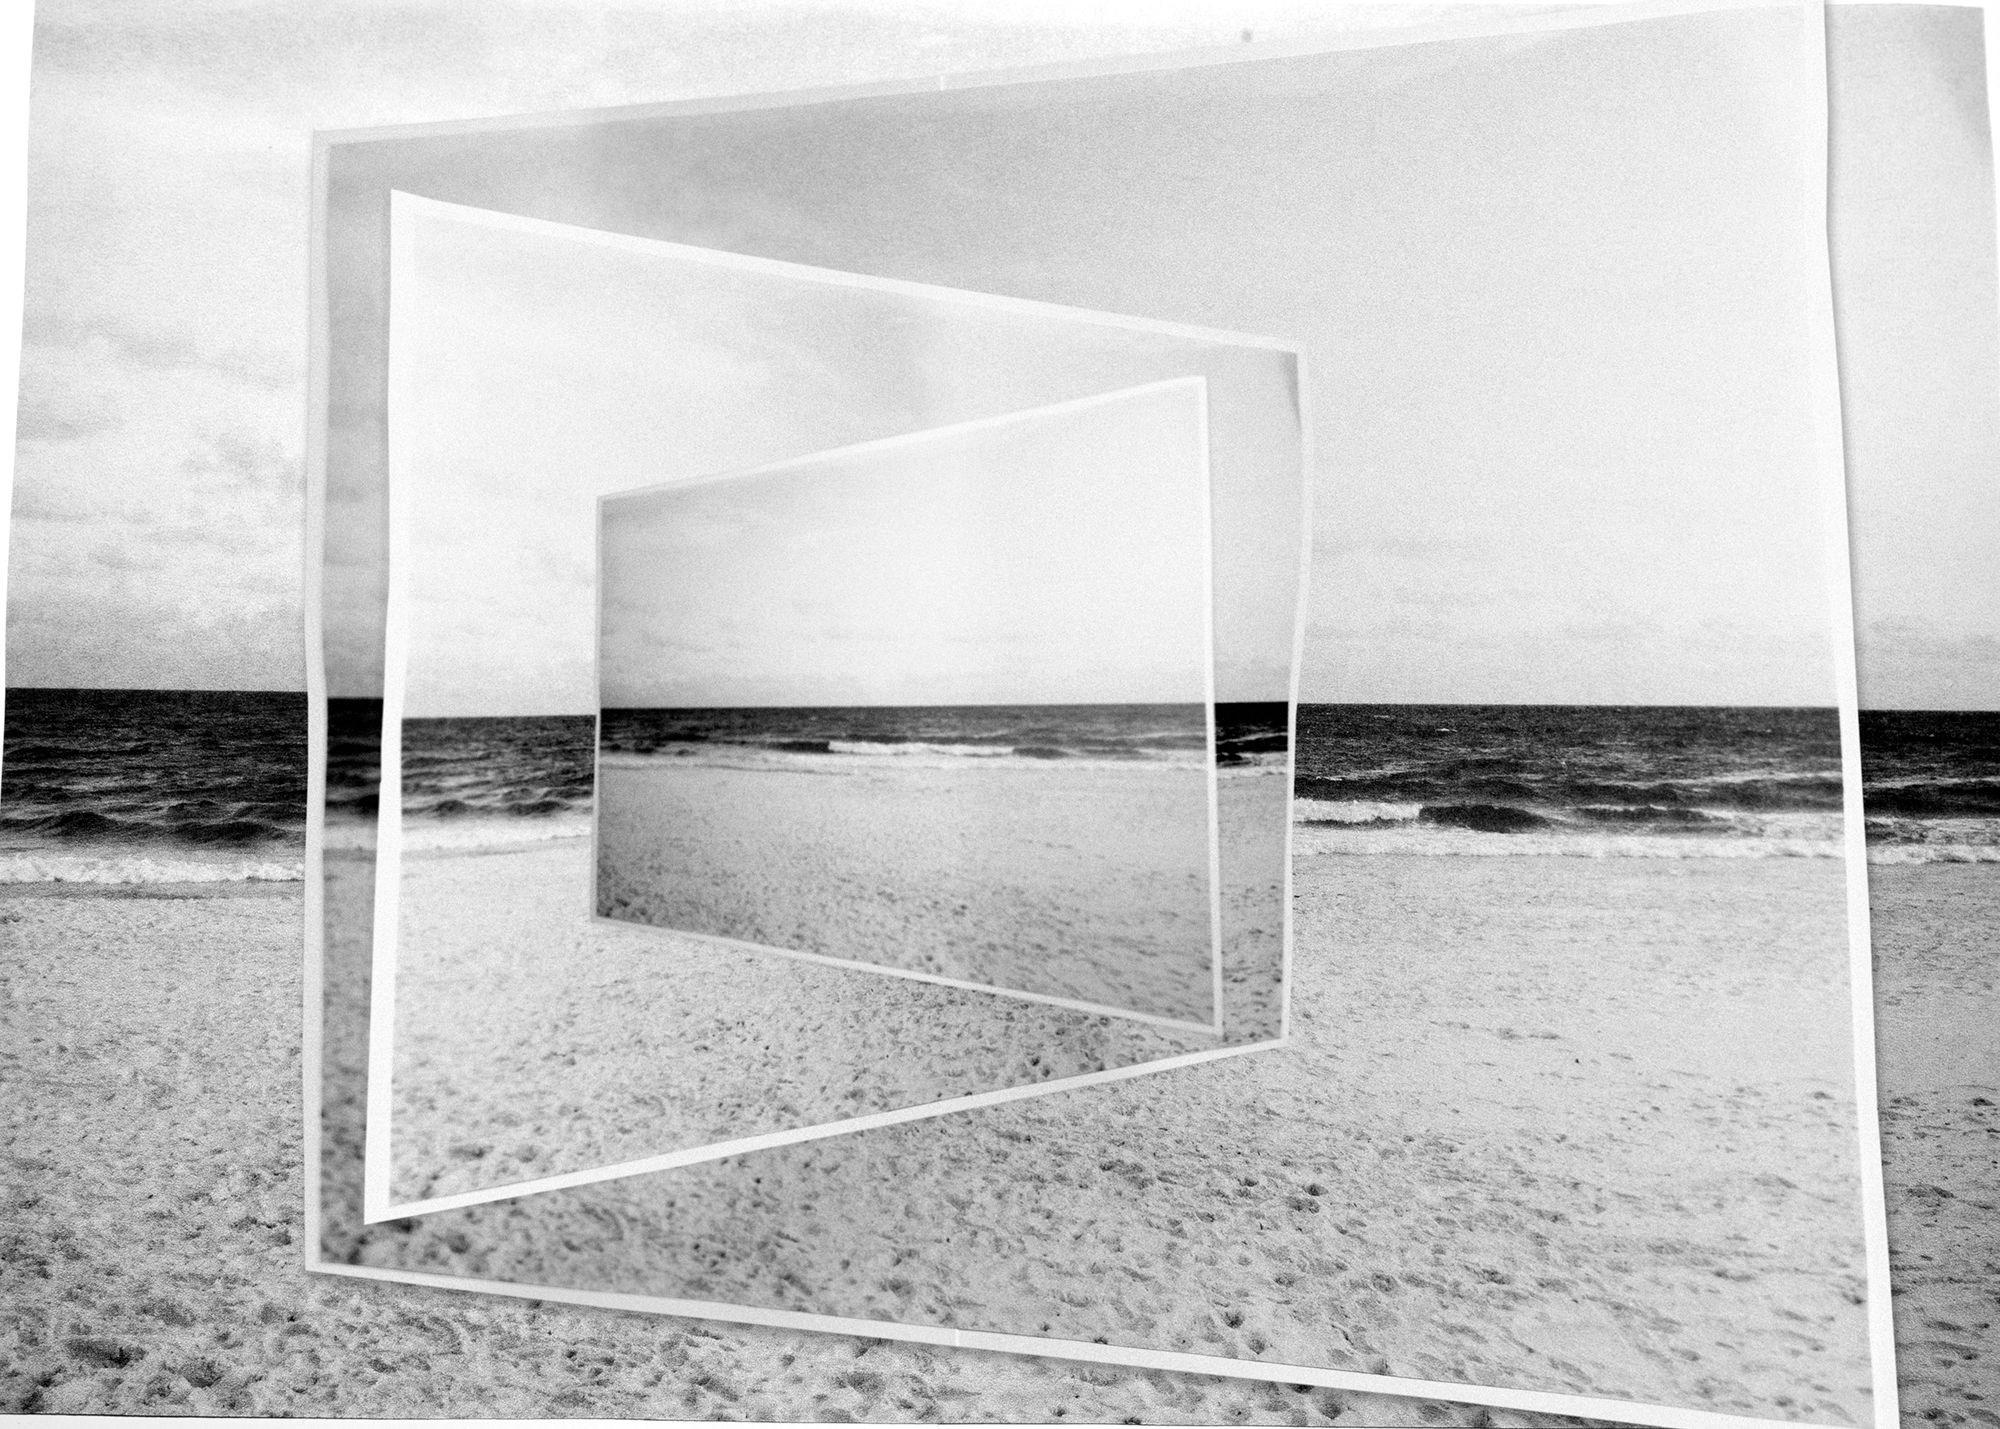 Projet 4x3 : Michel Le Belhomme